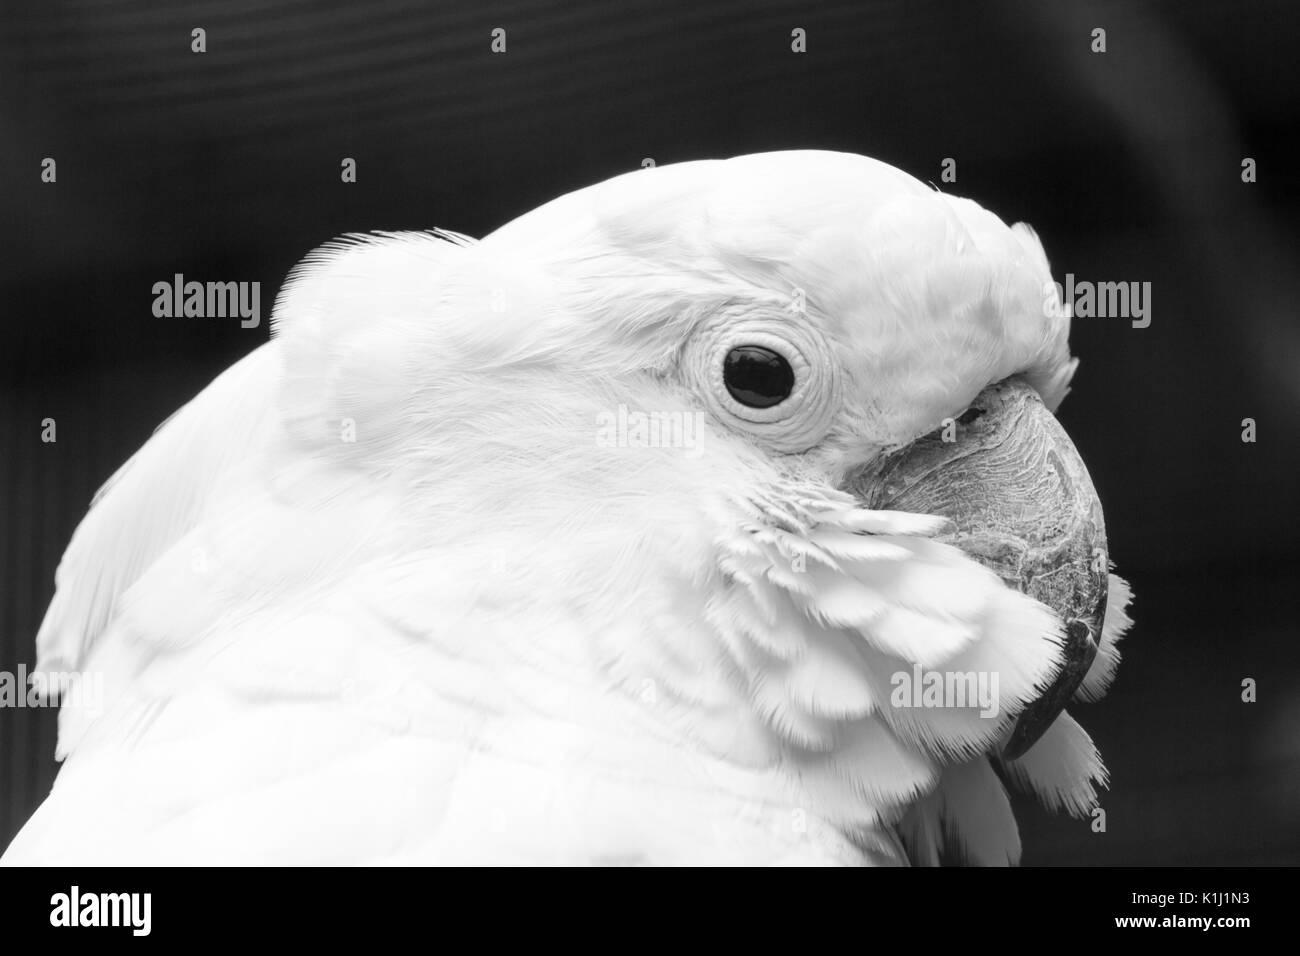 how to make a cockatoo